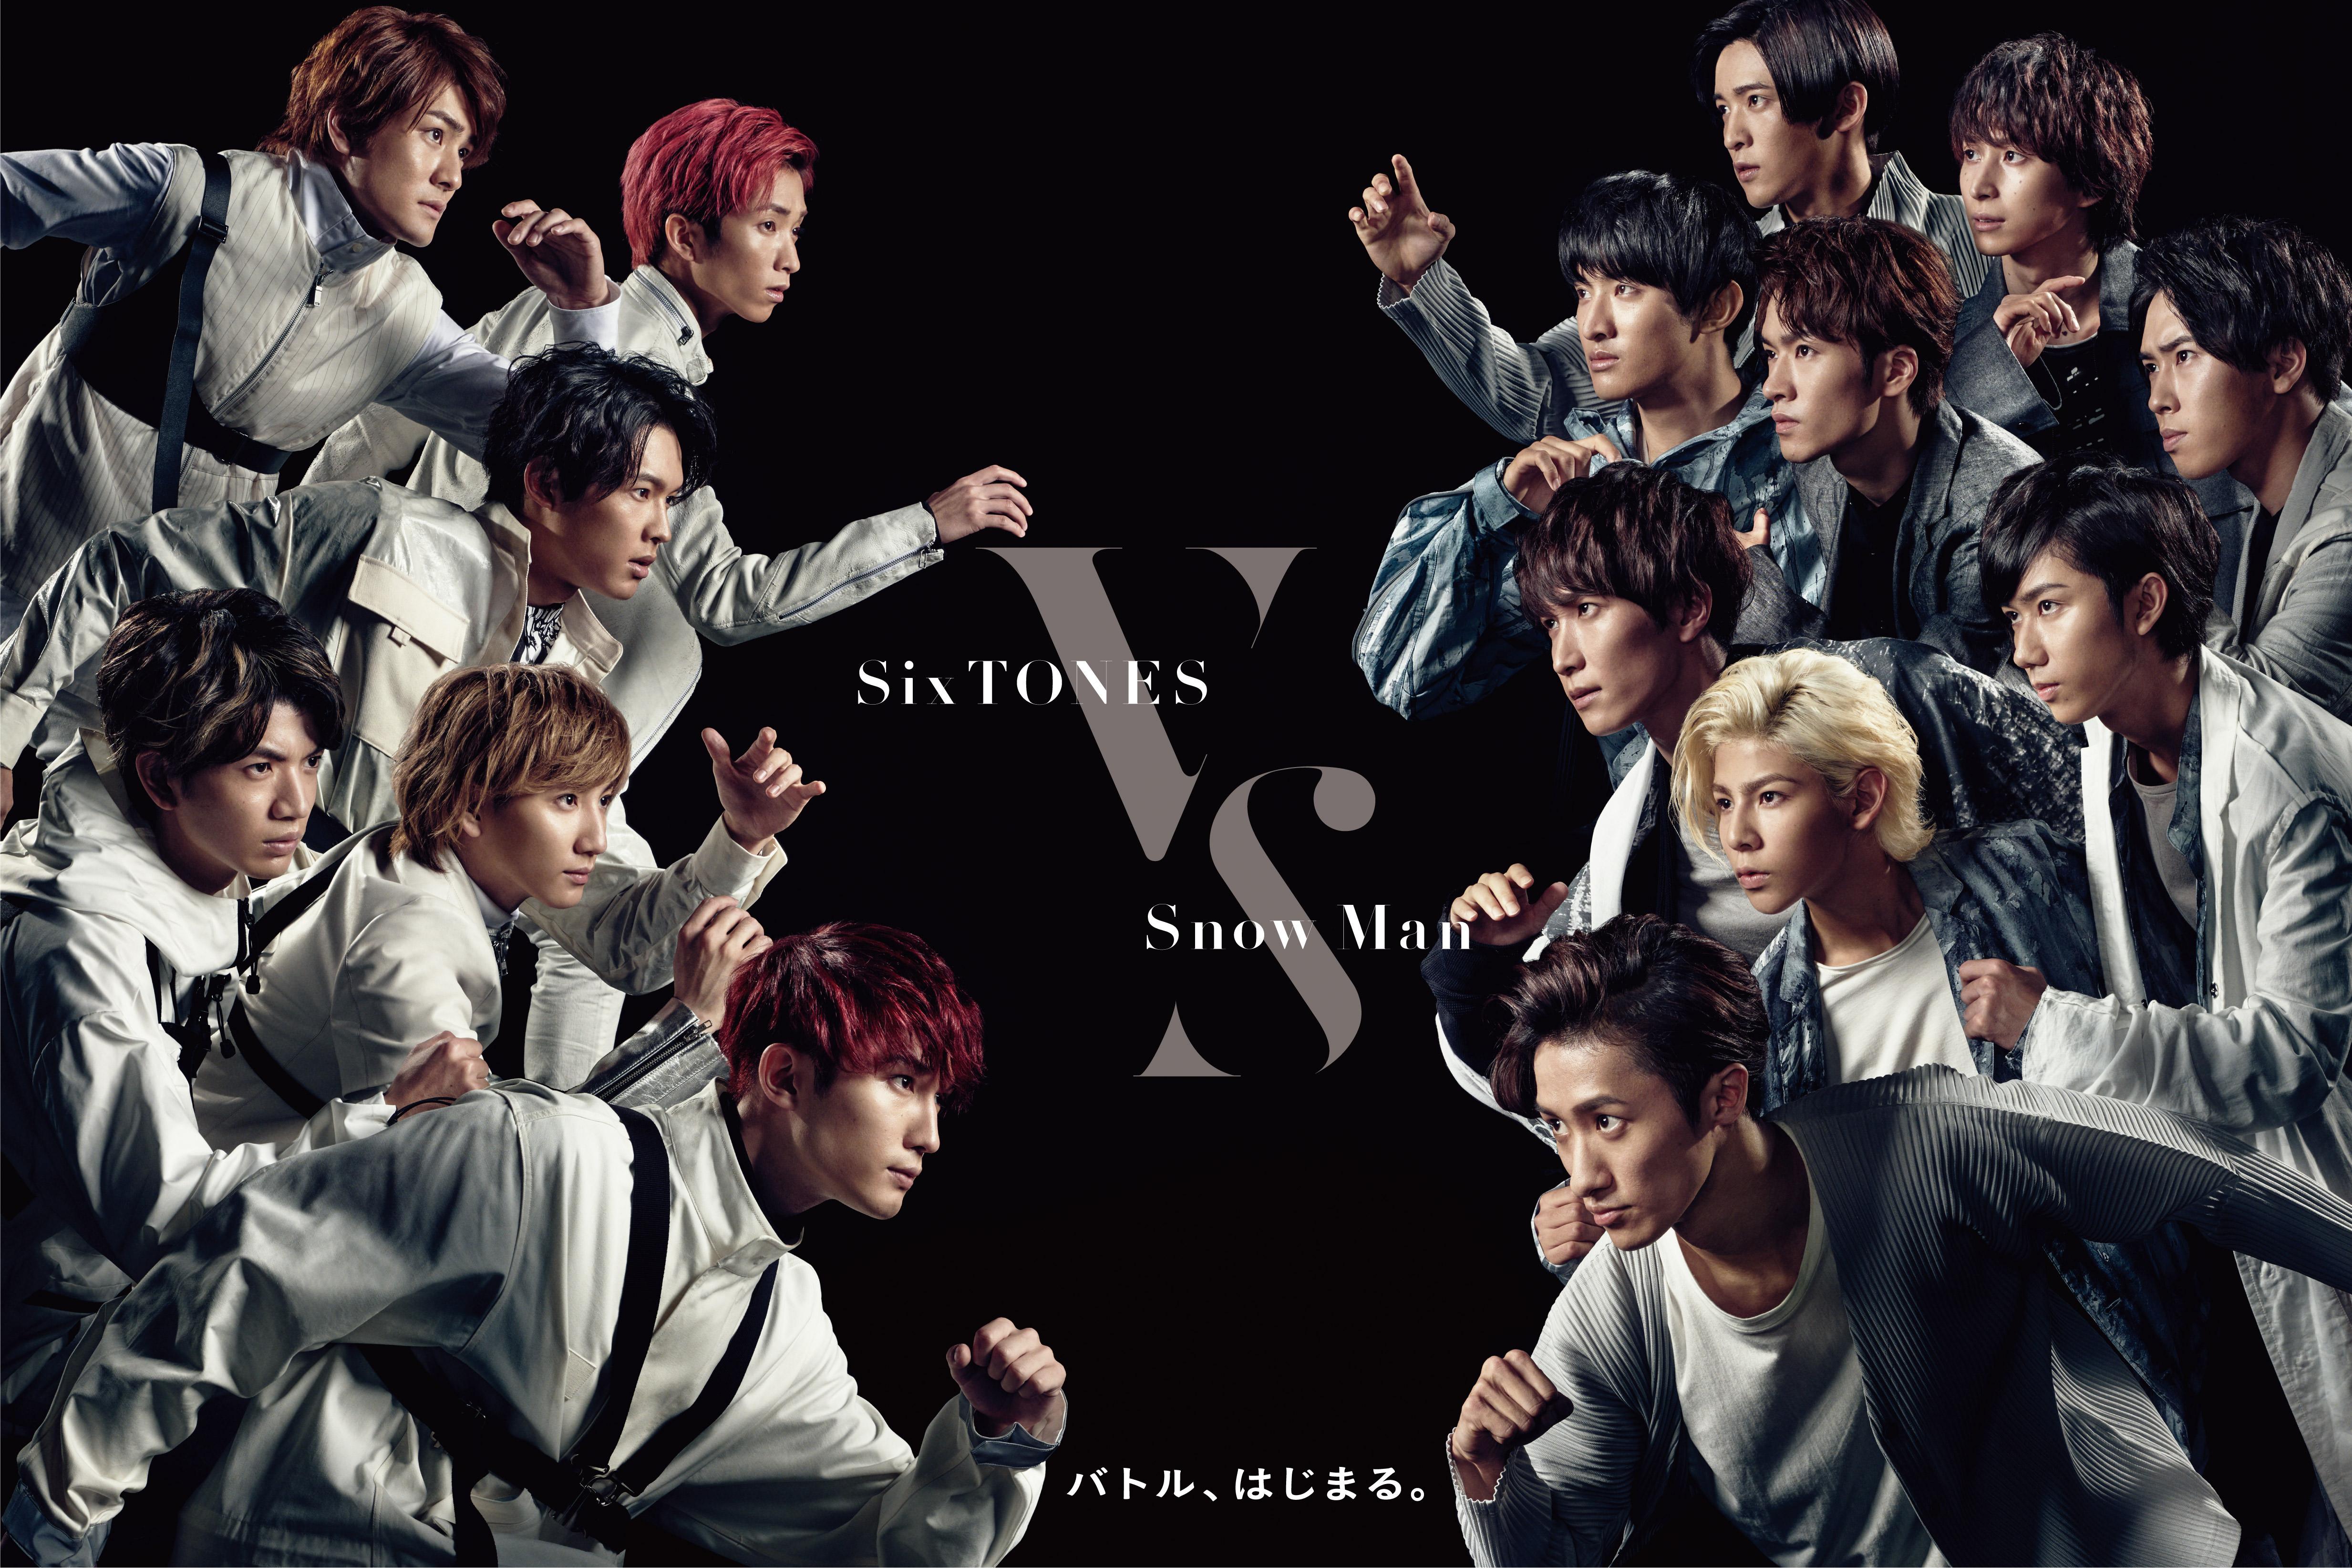 バレンタインデー直前! SixTONES と Snow Man が ロッテ・明治の人気チョコレートのパッケージに登場!CDデビューと同日1月22日(水)~ 販売開始